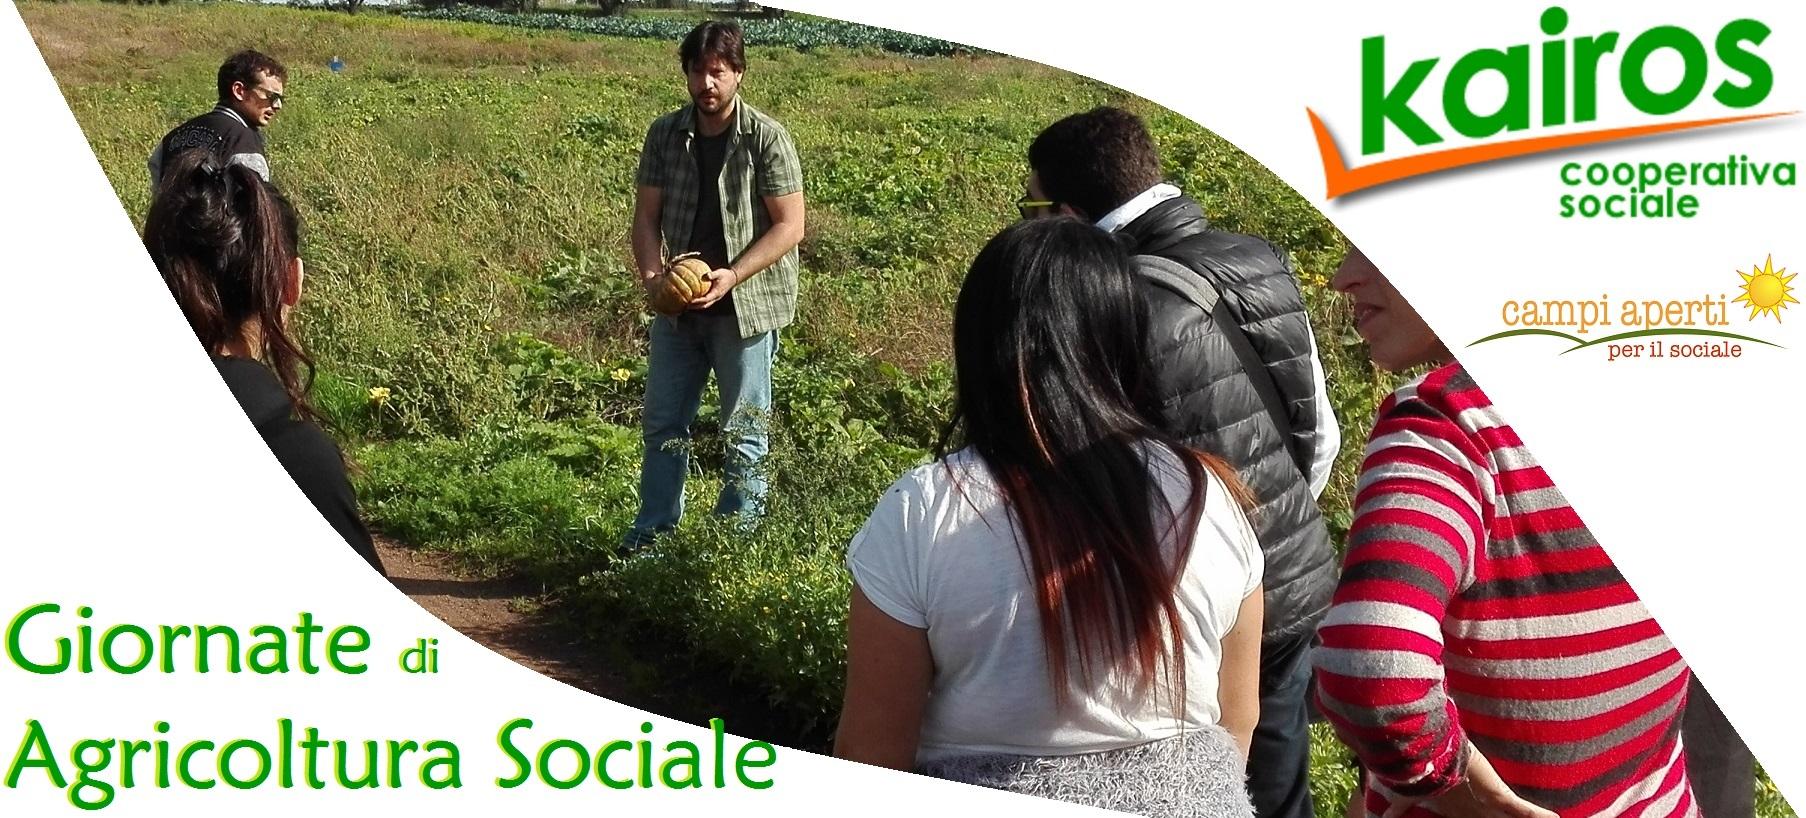 Le Giornate di Agricoltura Sociale della Cooperativa Kairos